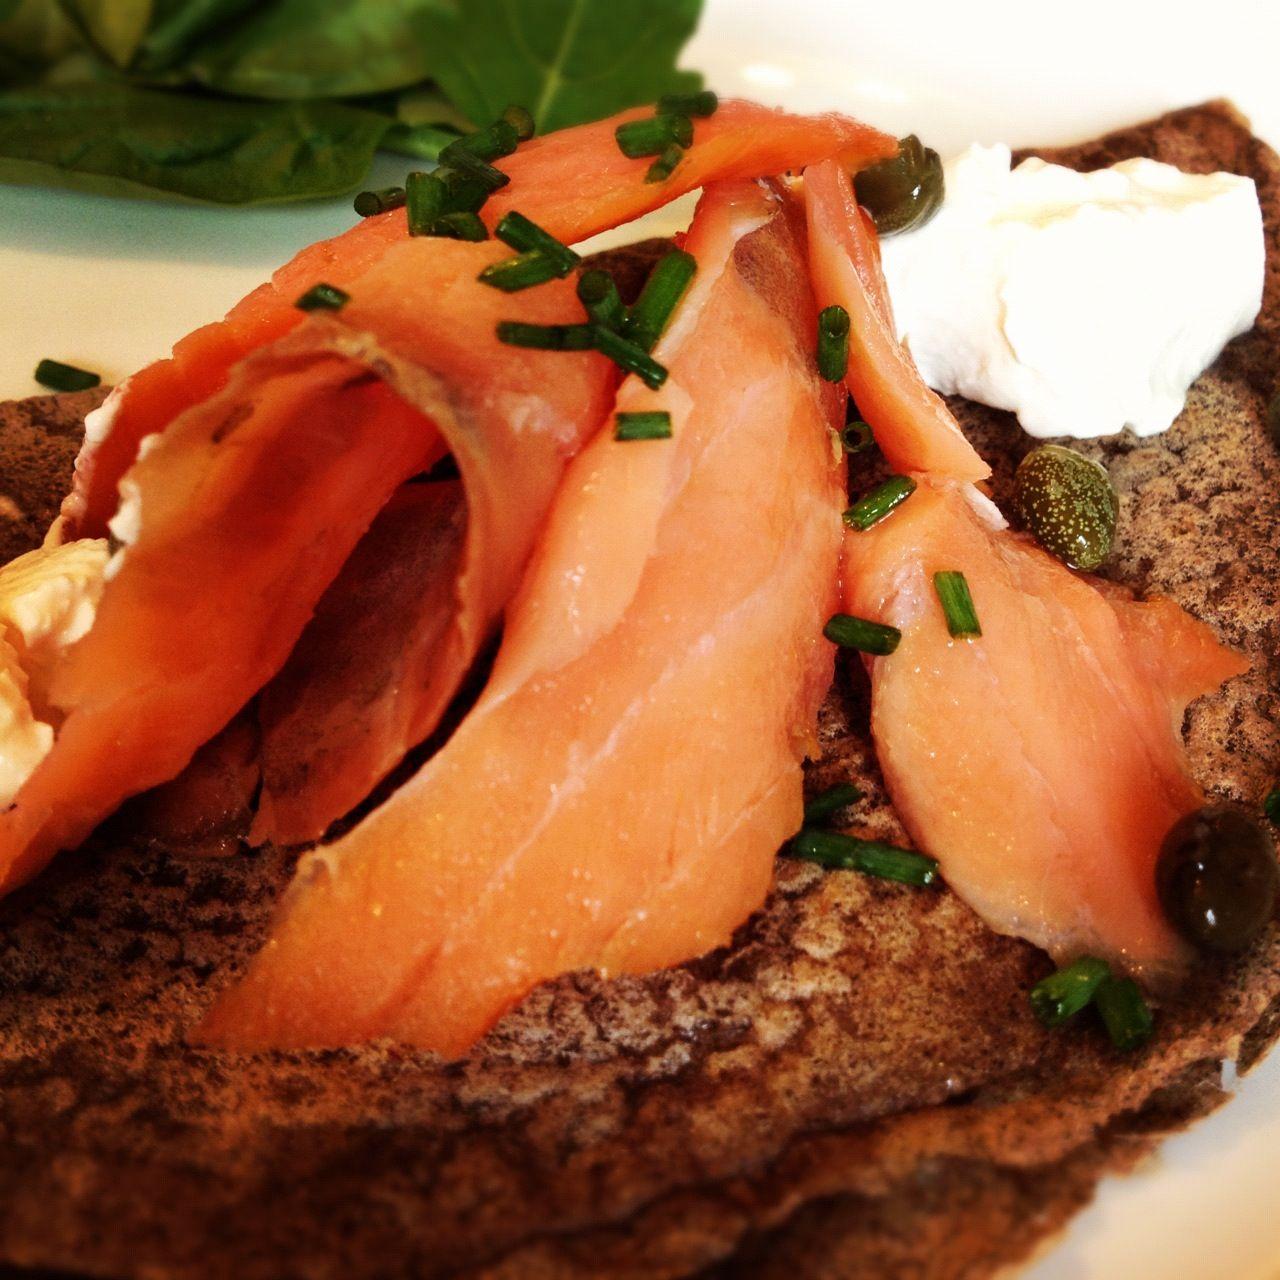 Saumon fumé sur crêpe au sarrasin | Smoked salmon on buckwheat pancake